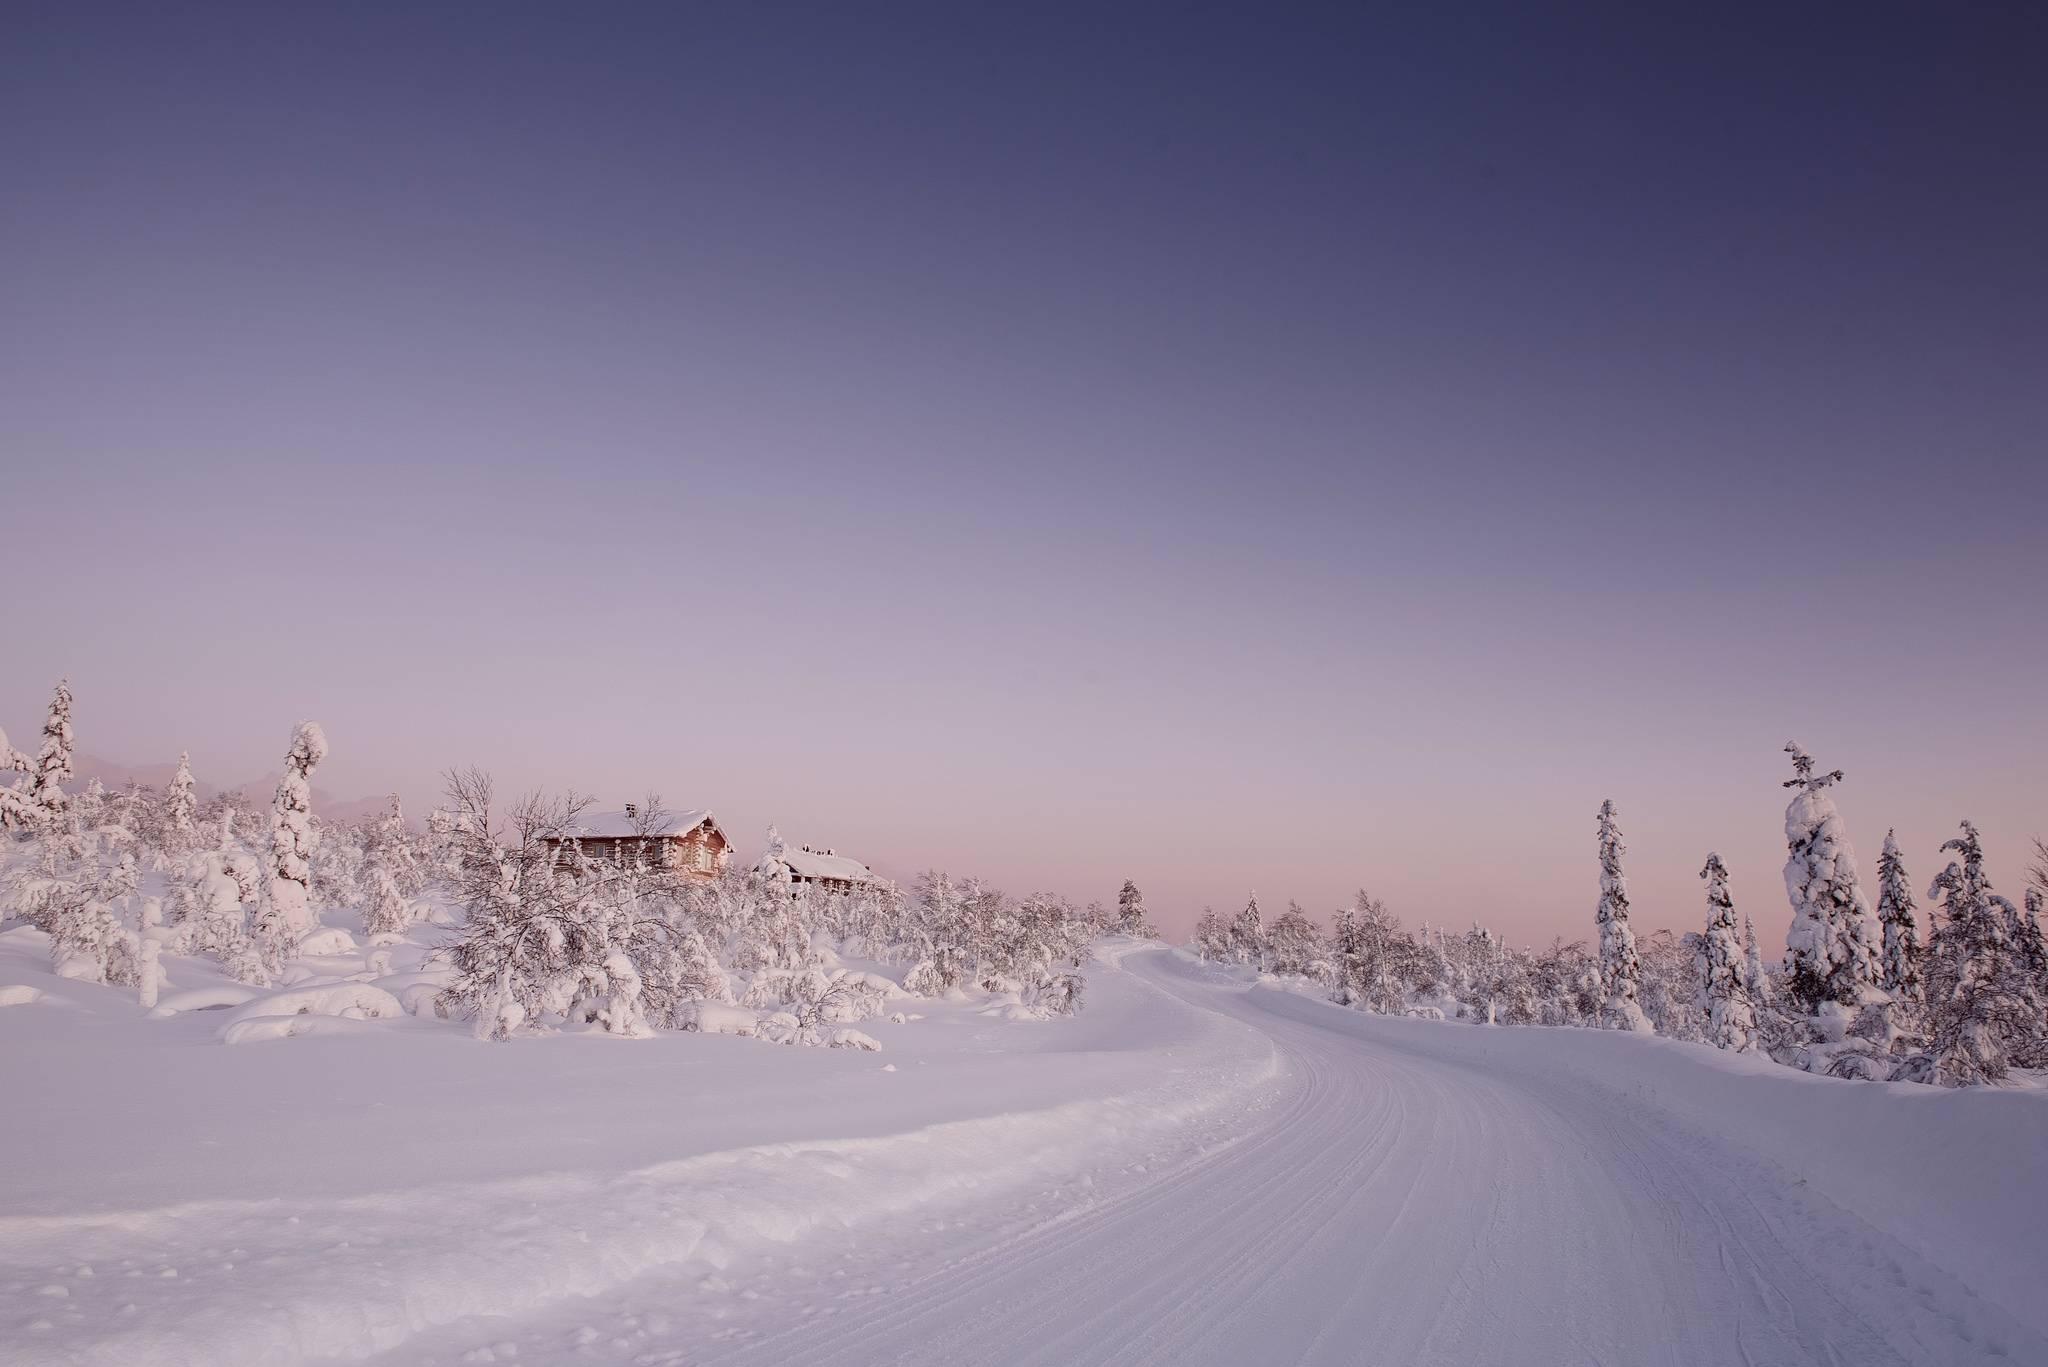 Лапландия, Финляндия, зима